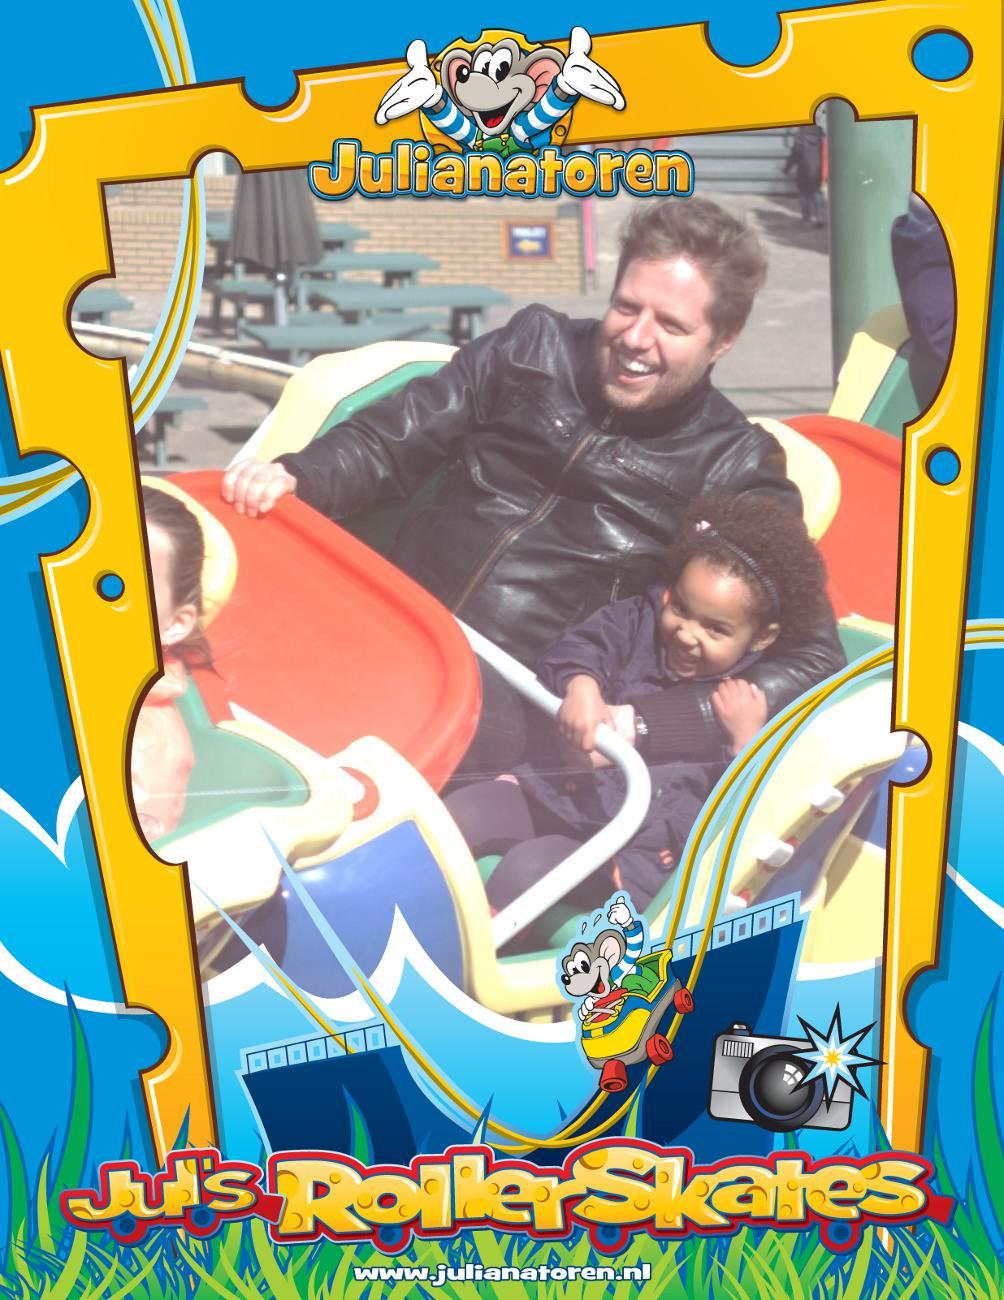 Julianatoren; een te gek dagje uit!